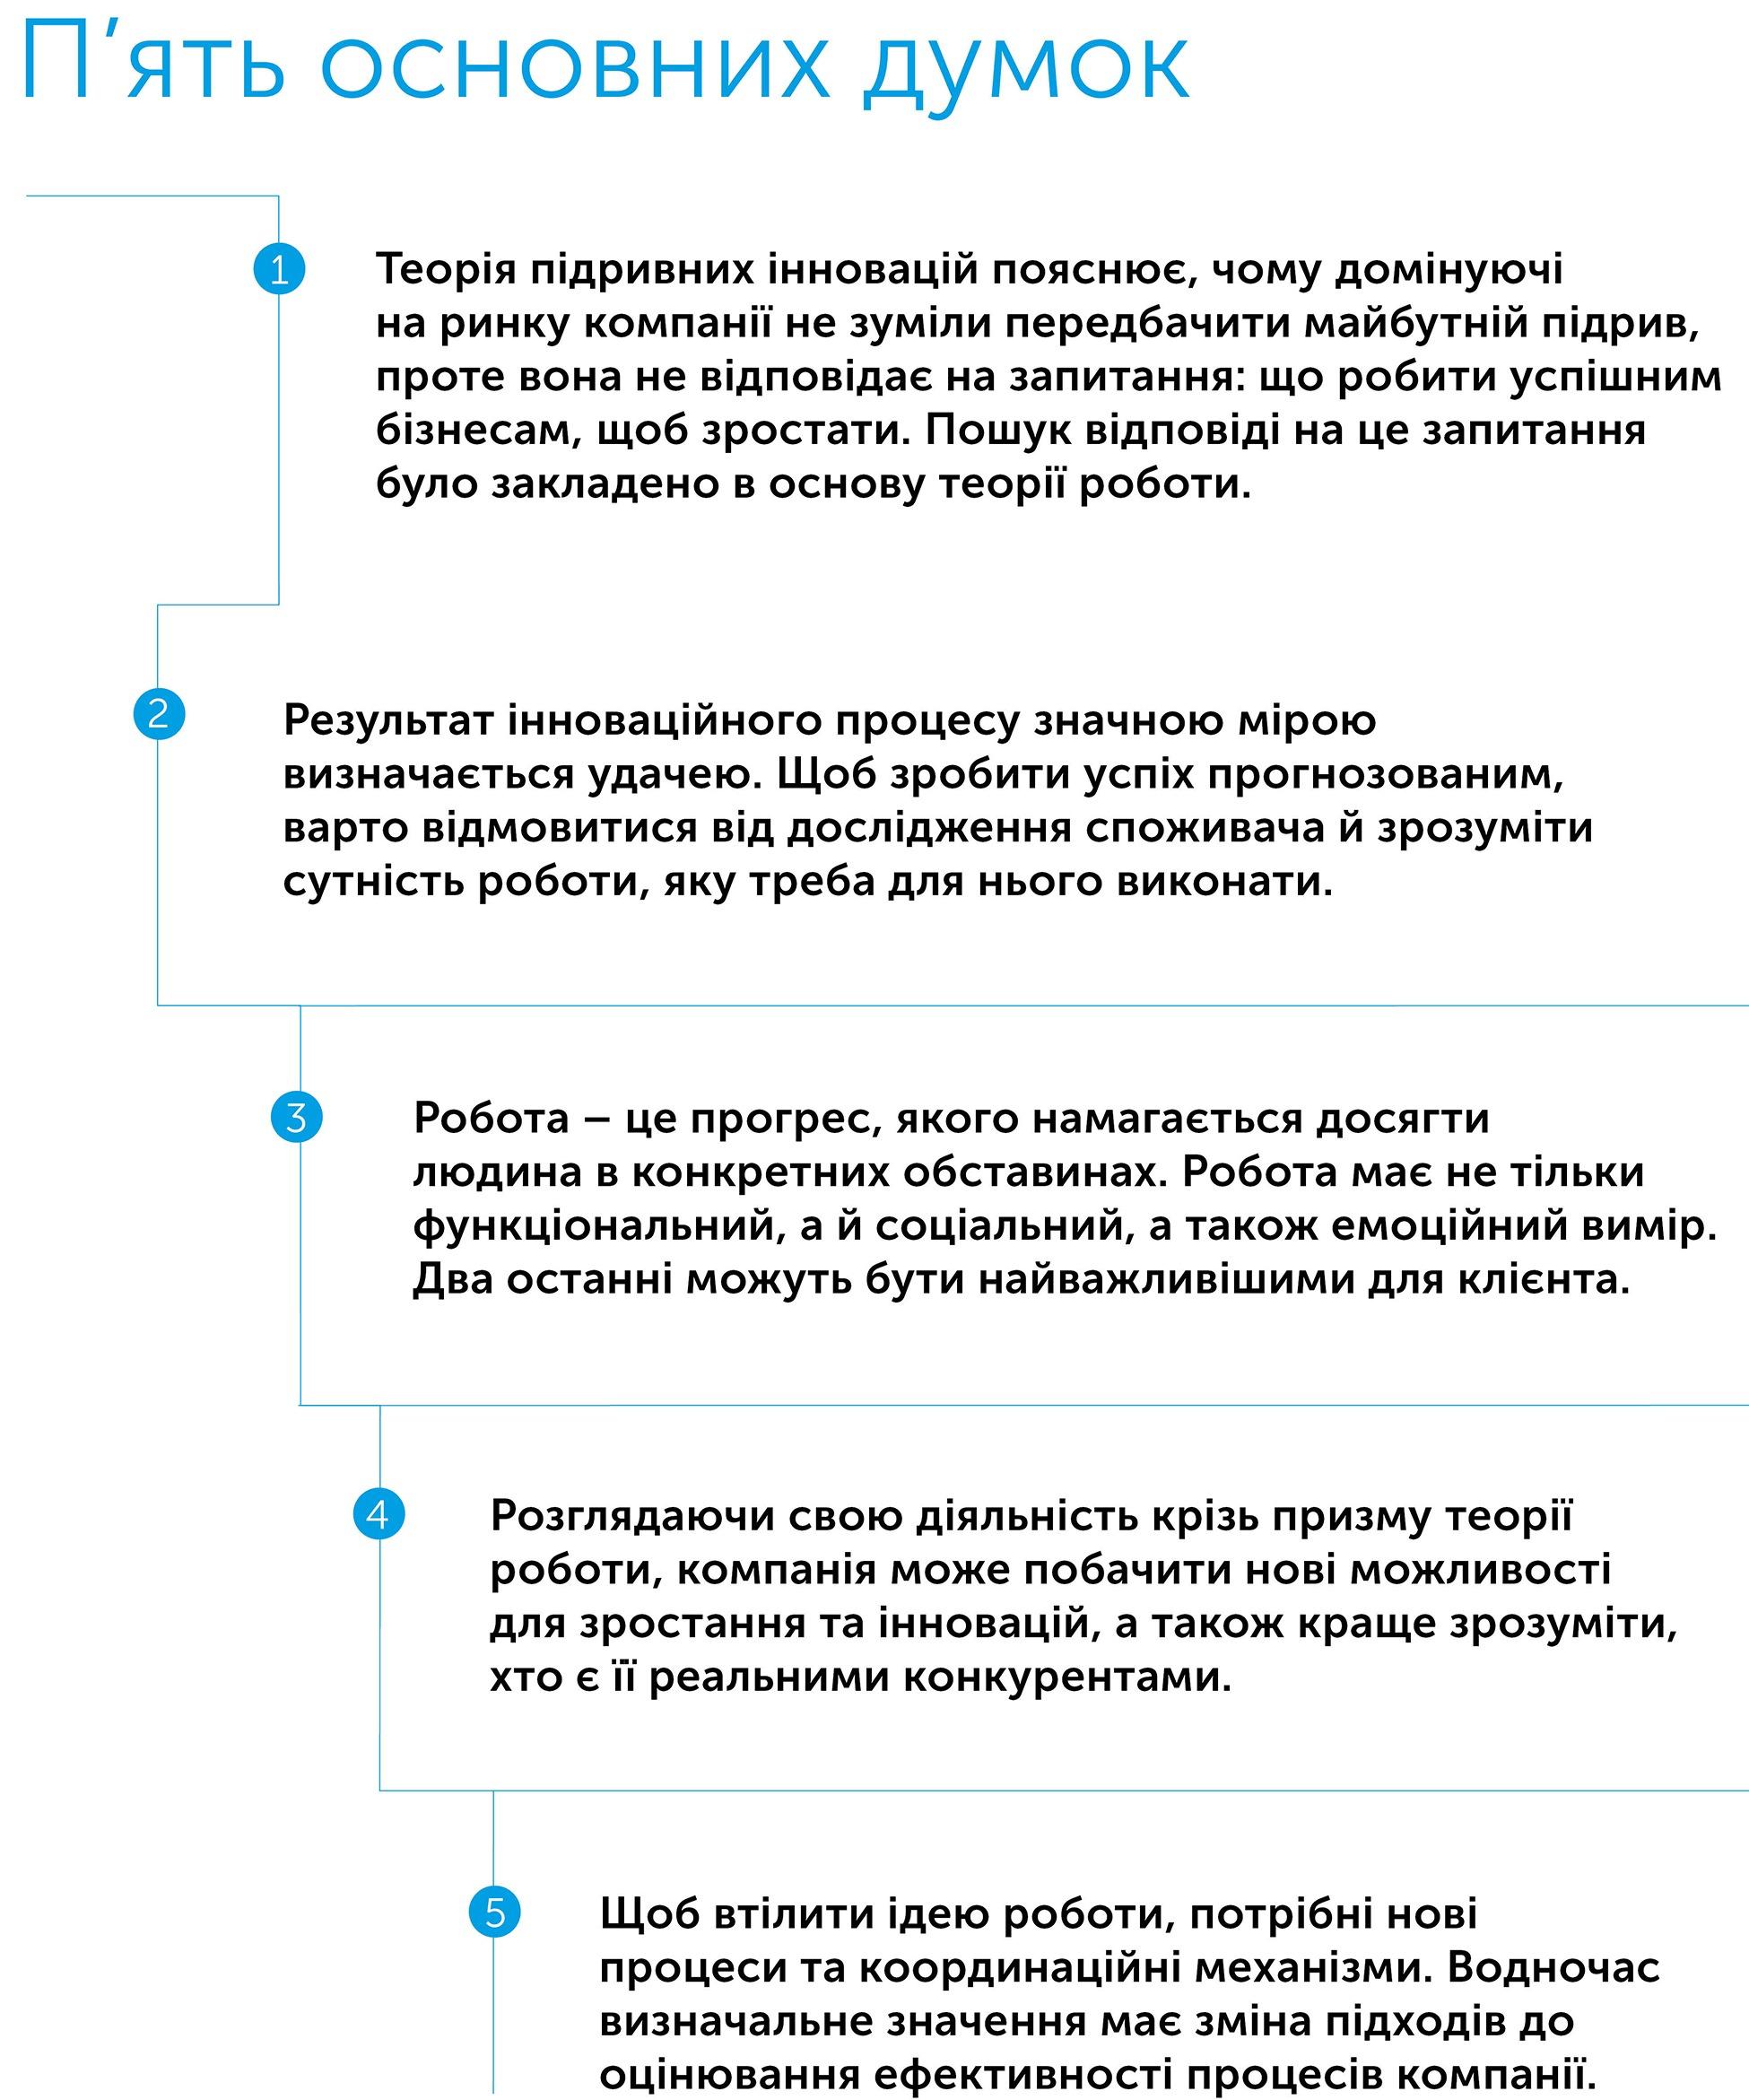 Як конкурувати, не покладаючись на удачу: історія про інновації та вибір споживача, автор Карен Діллон   Kyivstar Business Hub, зображення №2